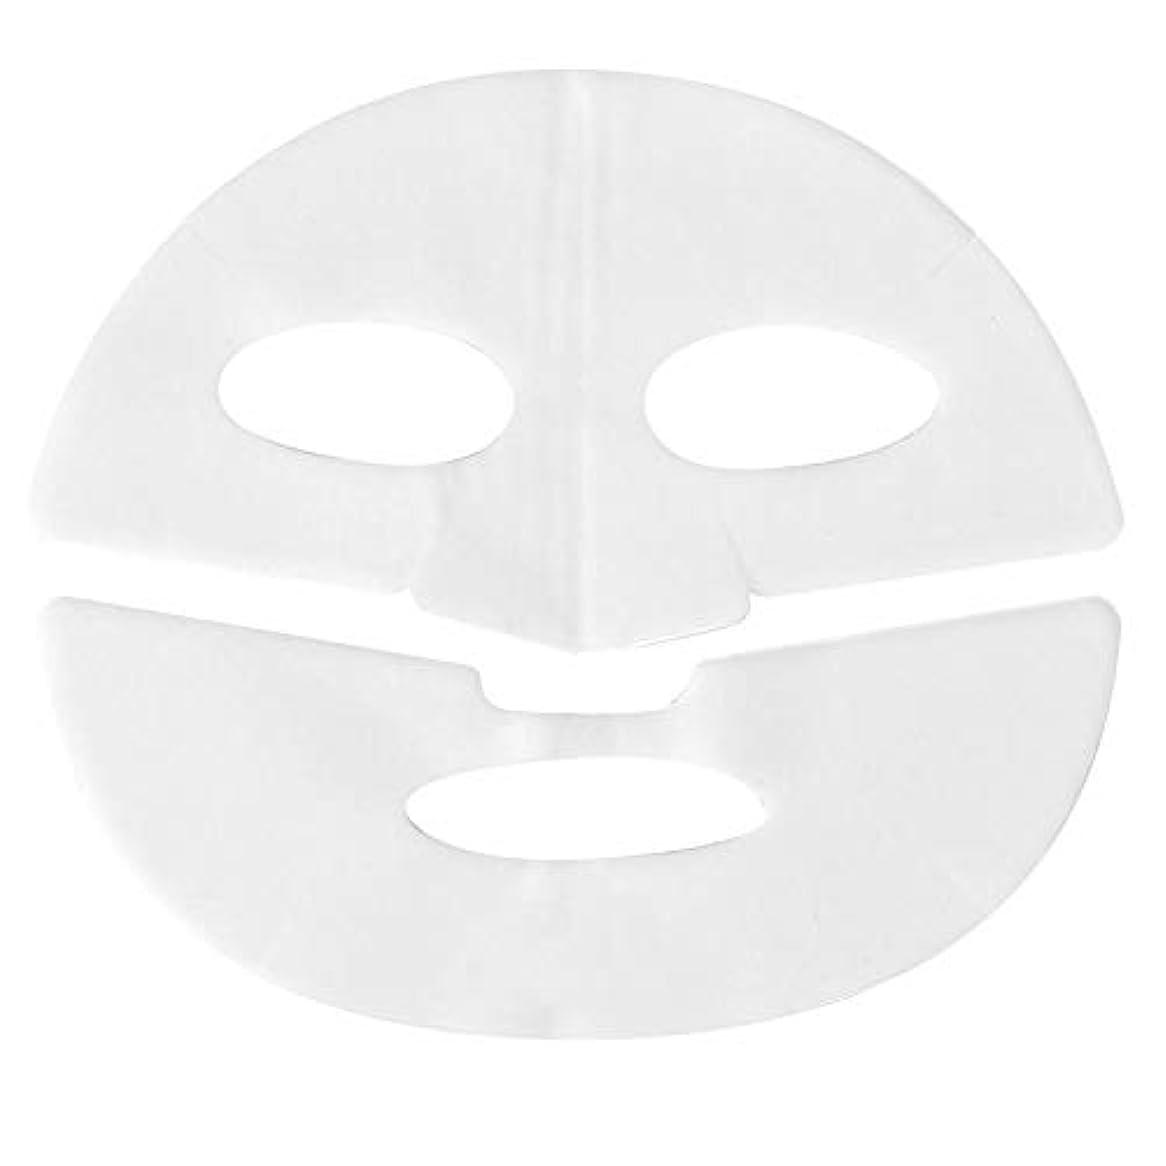 国勢調査時々店主10 PCS痩身マスク - 水分補給用V字型マスク、保湿マスク - 首とあごのリフト、アンチエイジング、しわを軽減